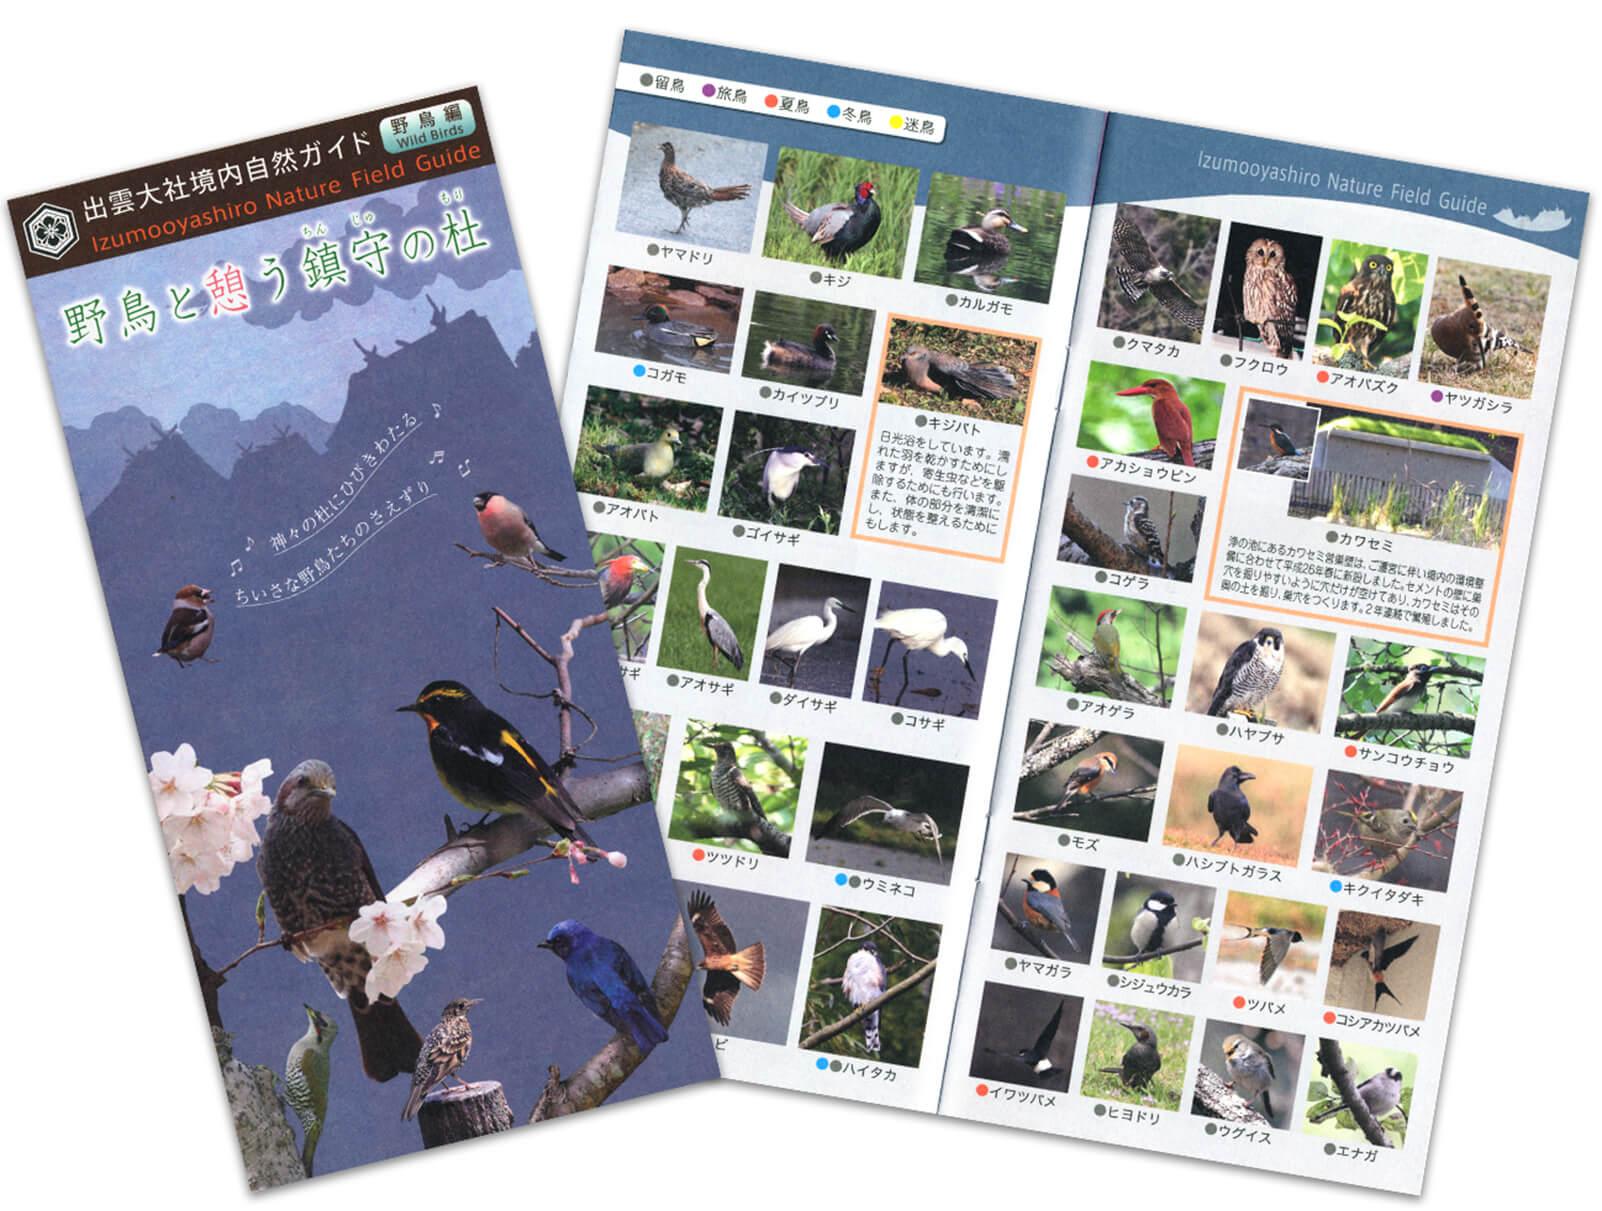 出雲大社-野鳥と憩う鎮守の杜パンフレット